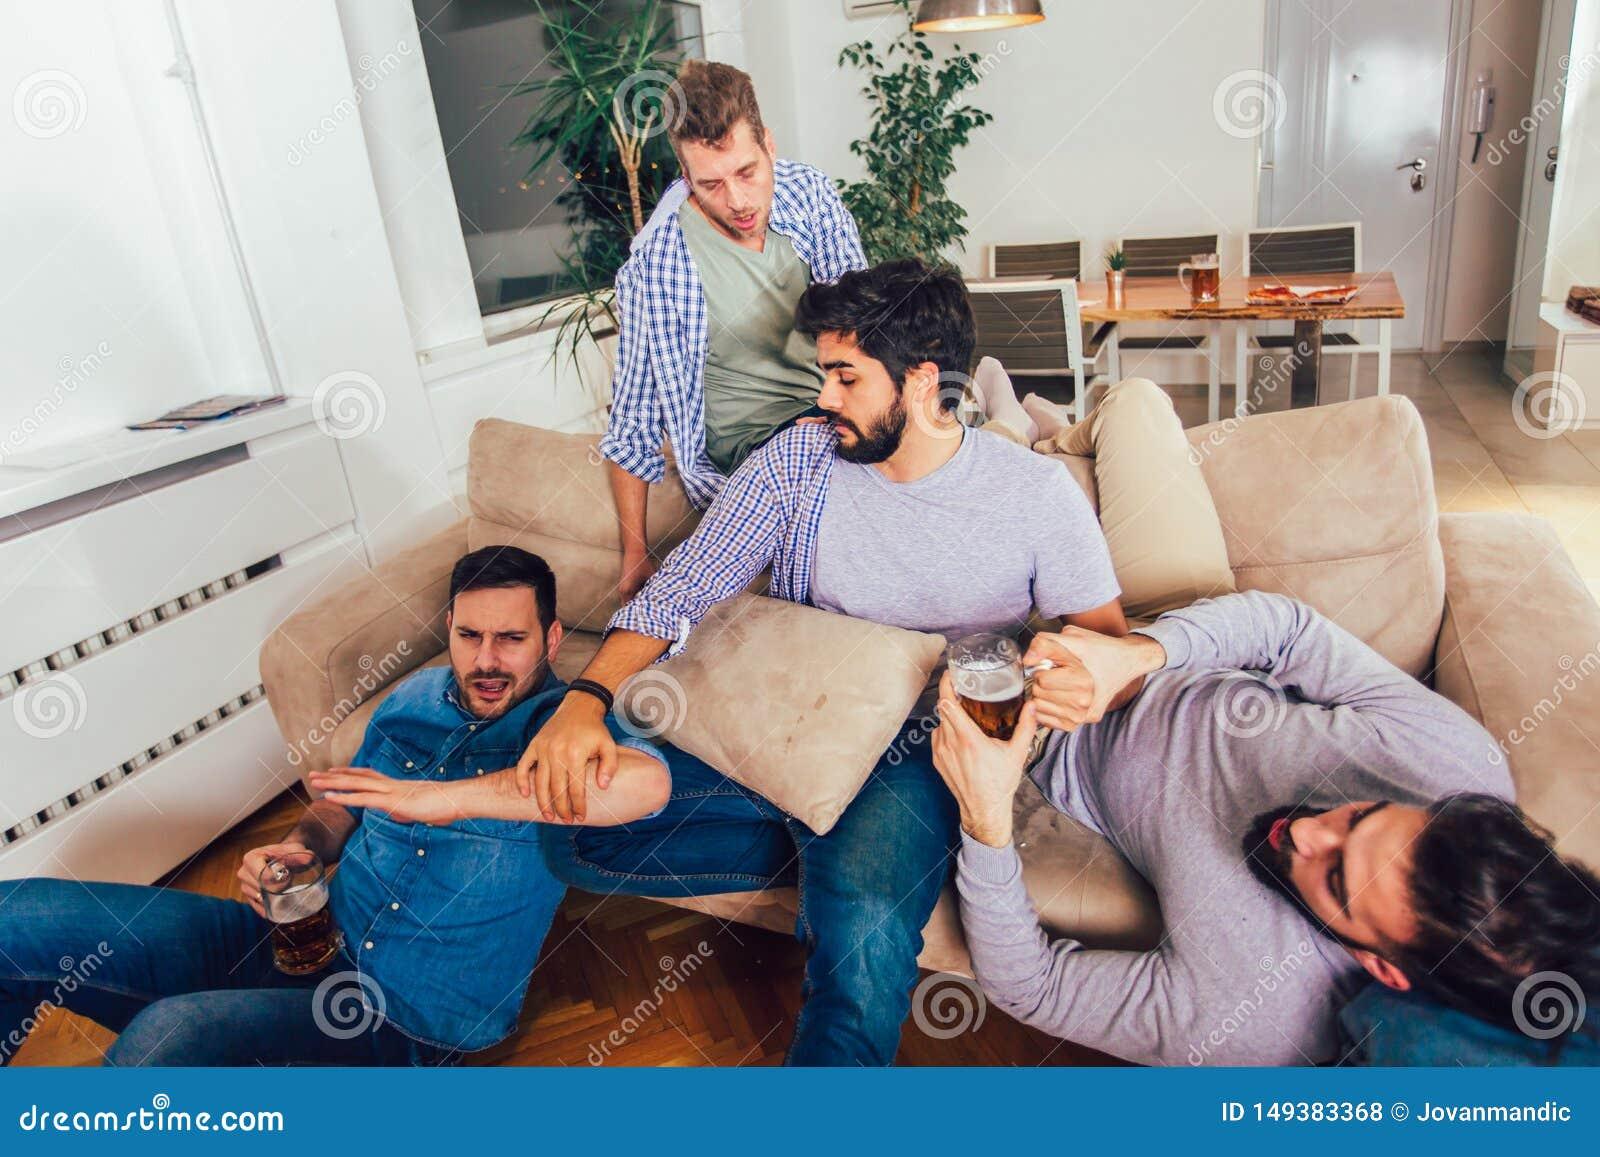 Οι μεθυσμένοι τύποι κοιμούνται αφότου θέτουν τα γεγονότα νύχτας στο πάτωμα και τον καναπέ σε διαφορετικό στο καθιστικό